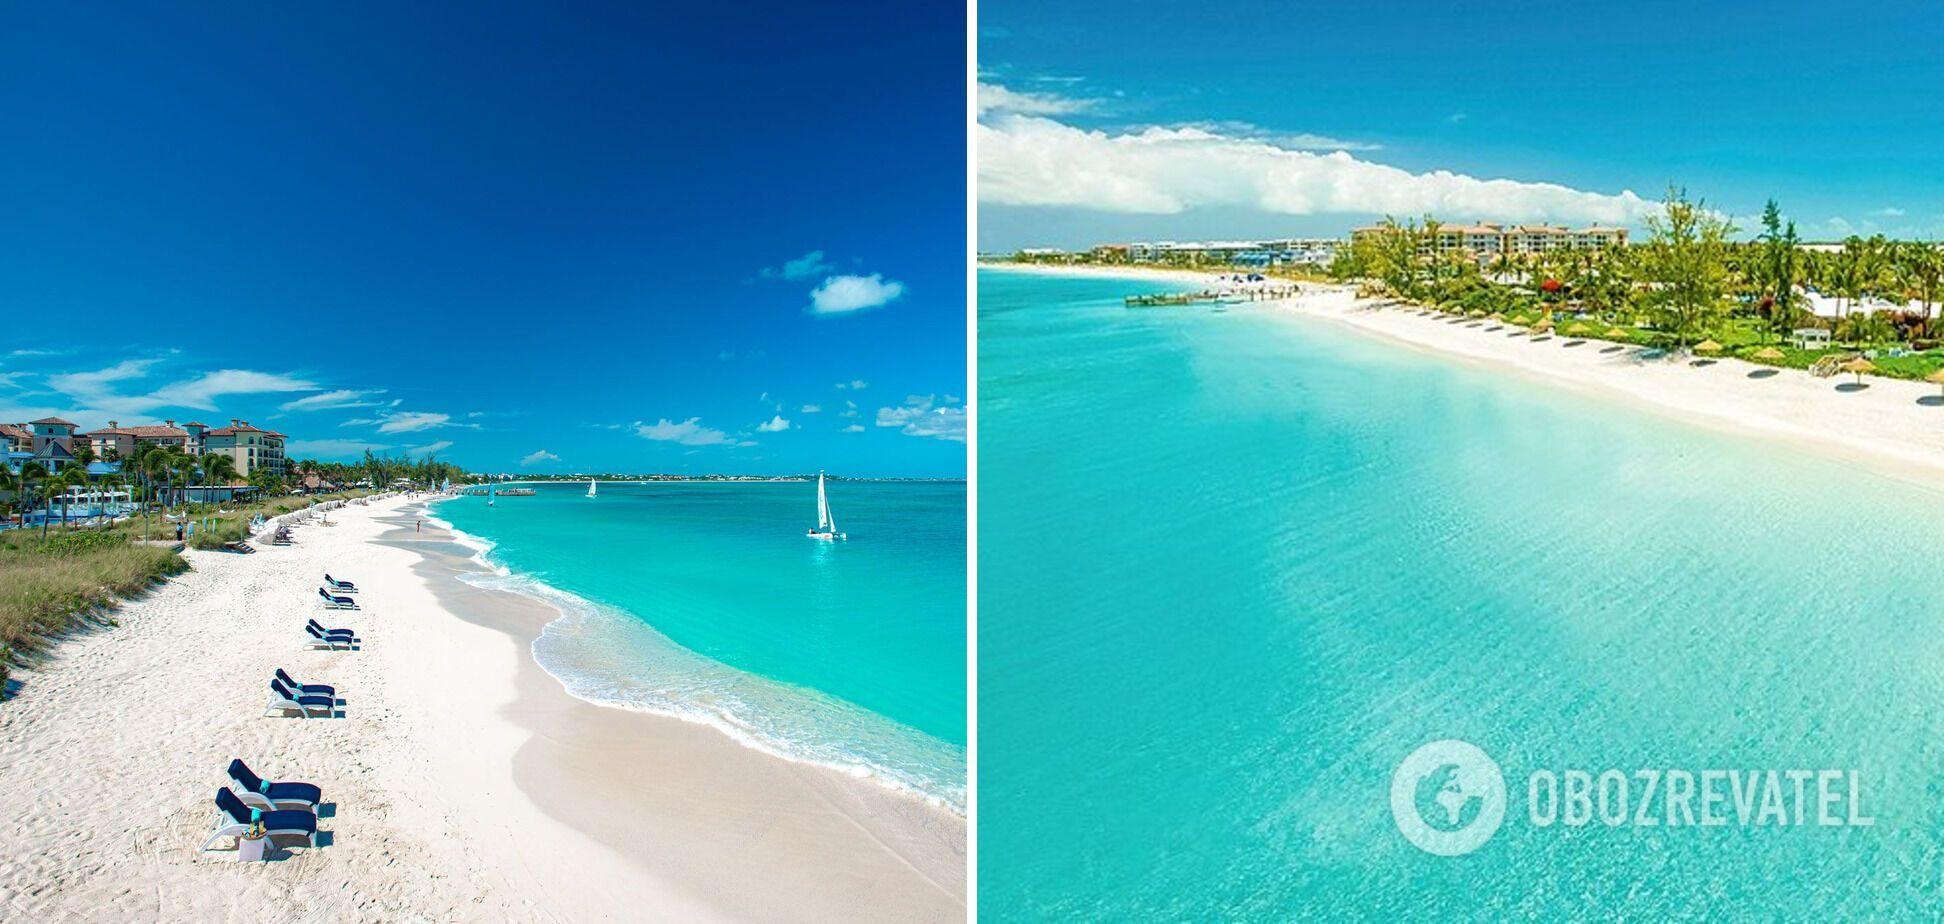 Пляж Грейс-Бей має океан неймовірного блакитного кольору.